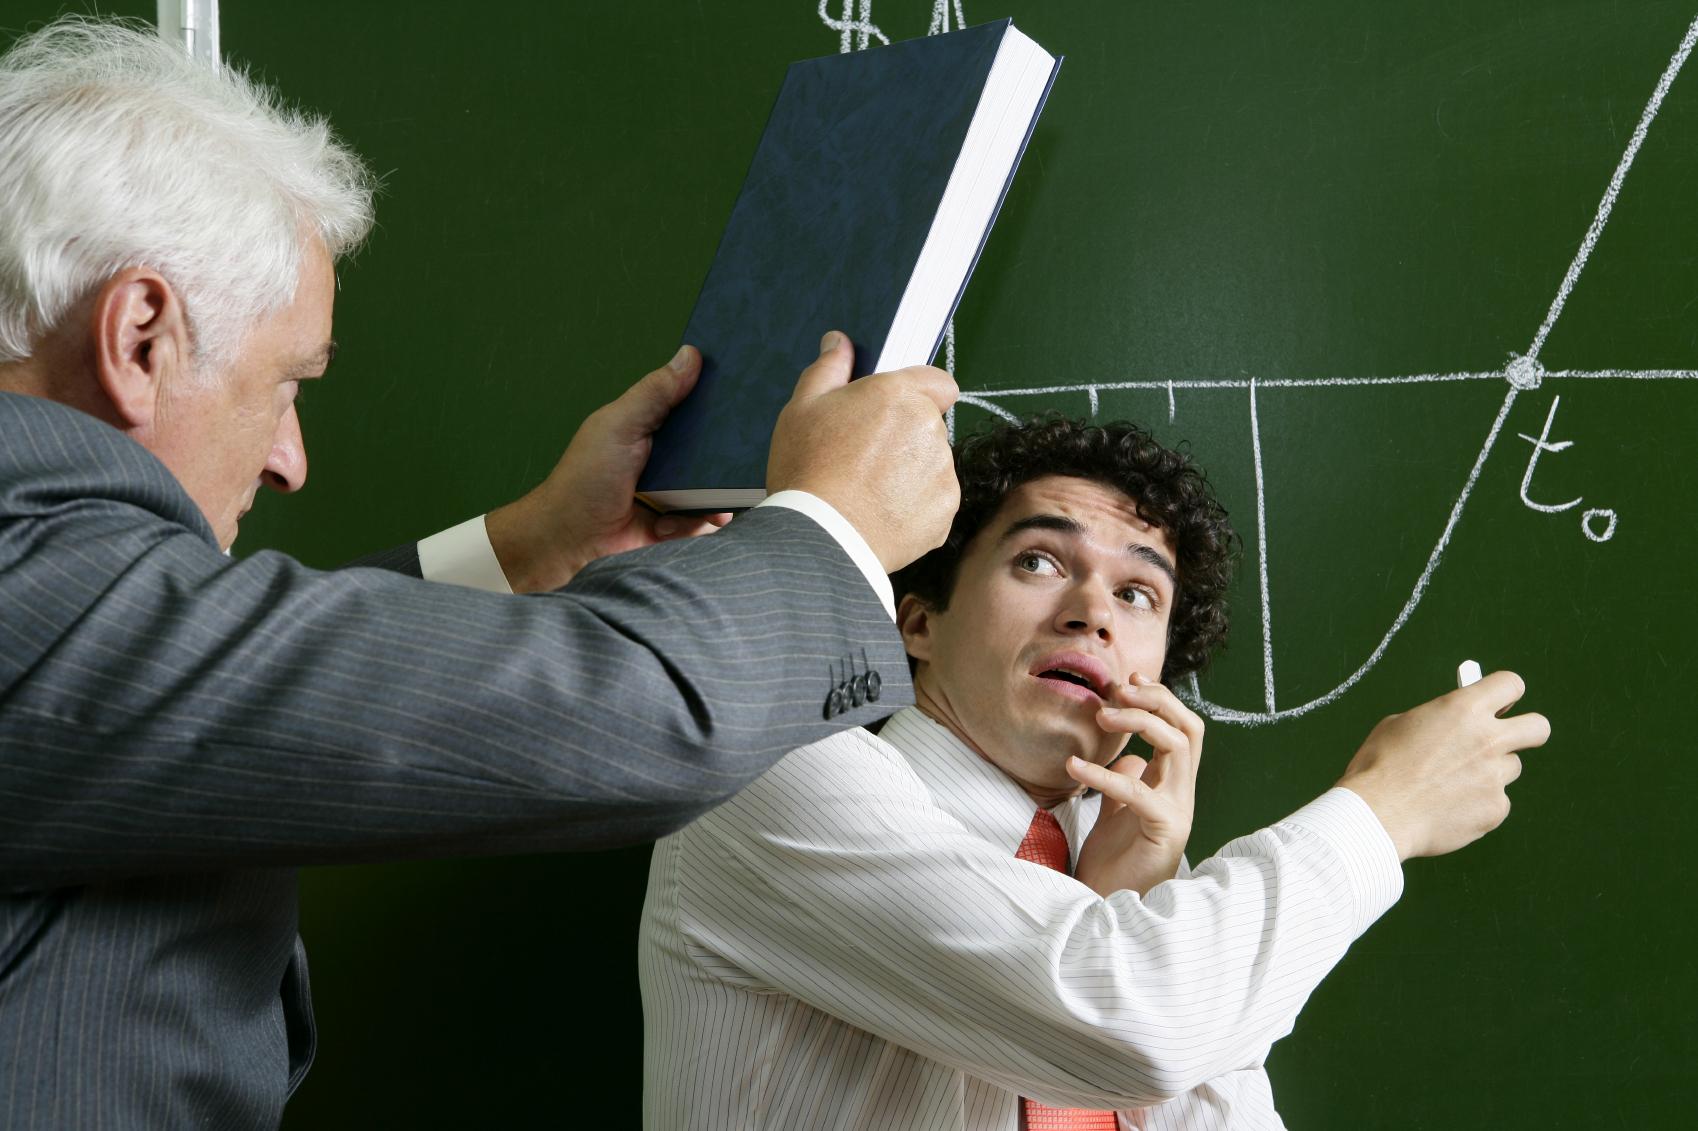 concept of an ideal teacher